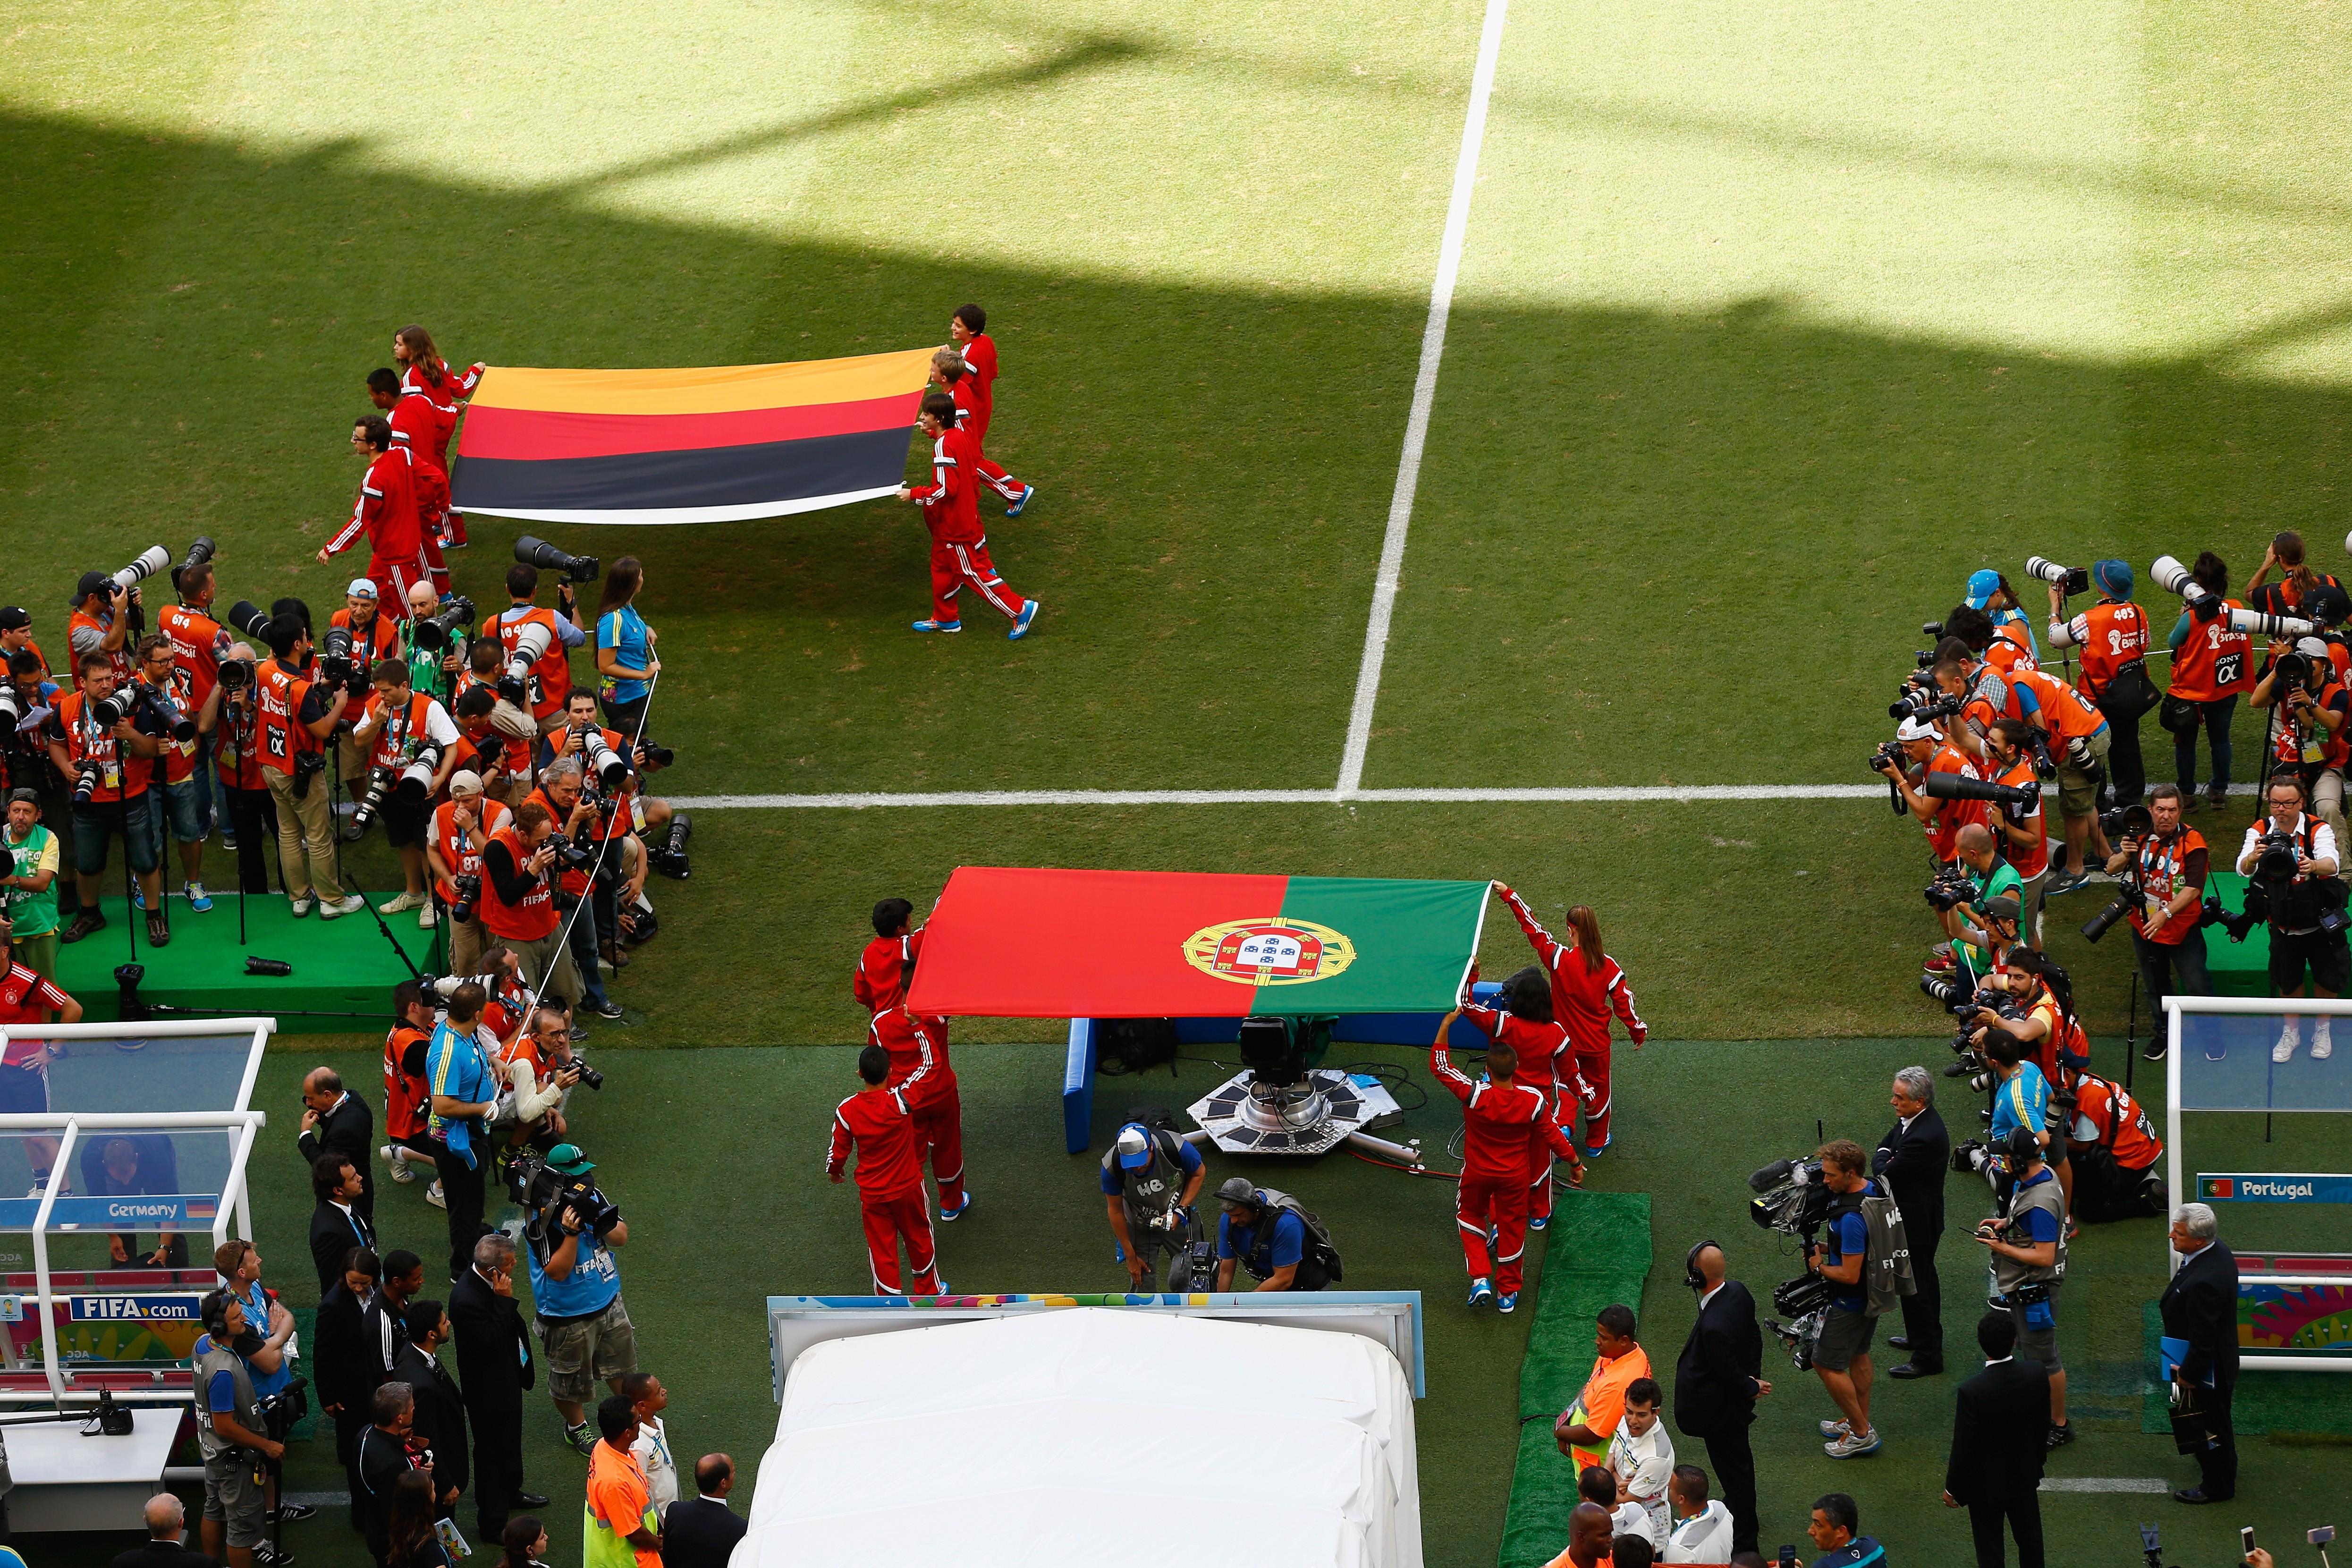 Германия - Португалия 4:0. Герд Мюллер - изображение 3